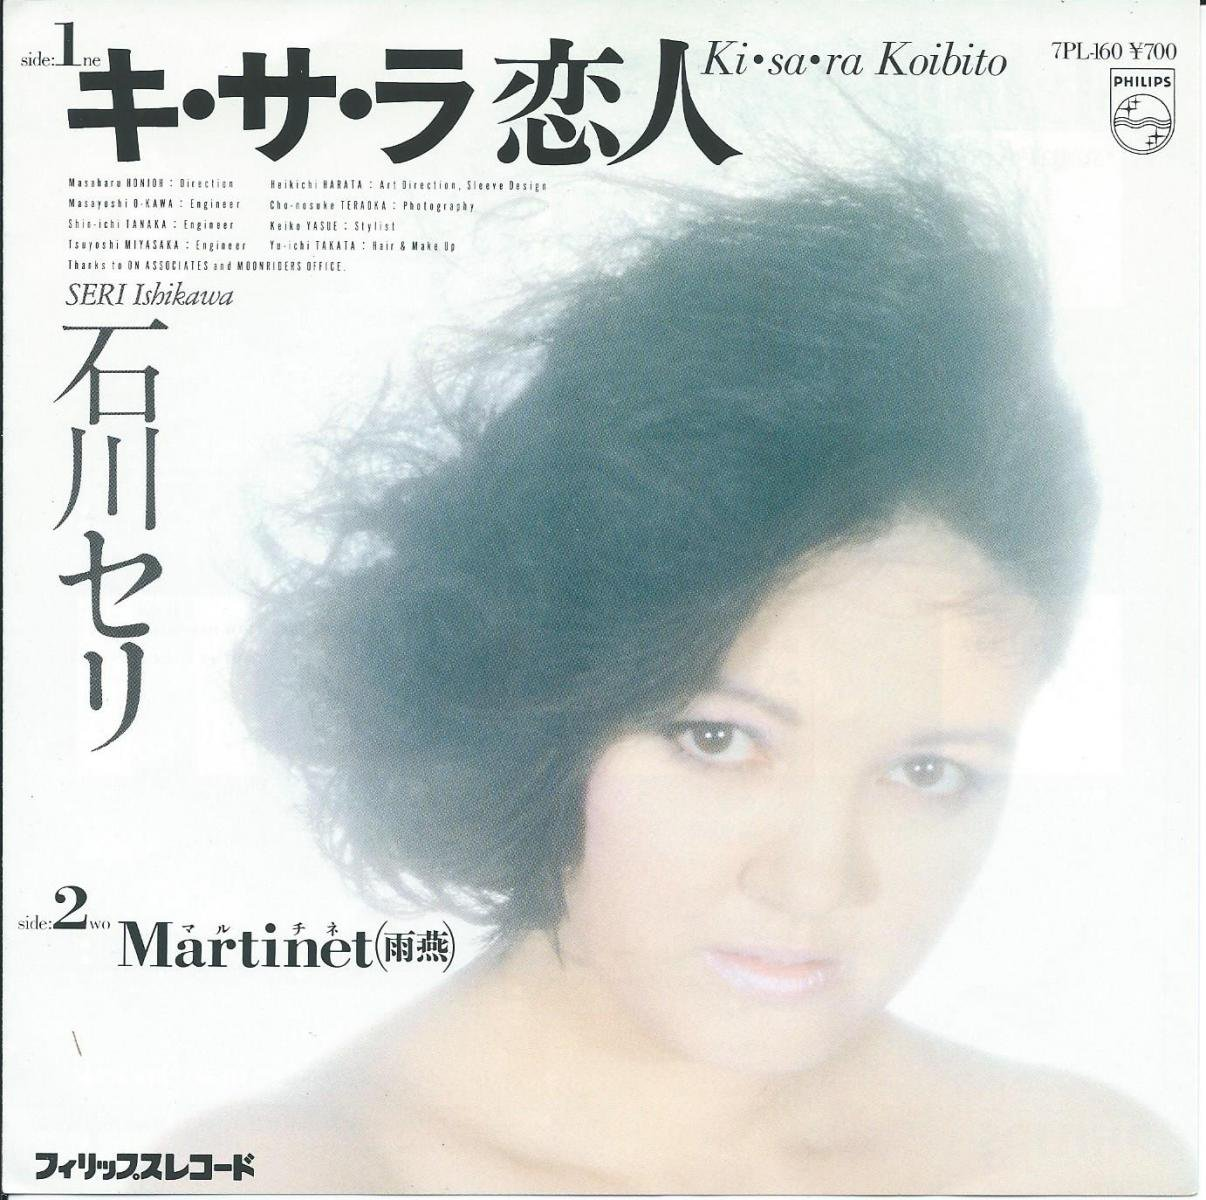 石川セリ SERI ISHIKAWA / キ・サ・ラ 恋人 / マルチネ (雨燕) MARTINET (7